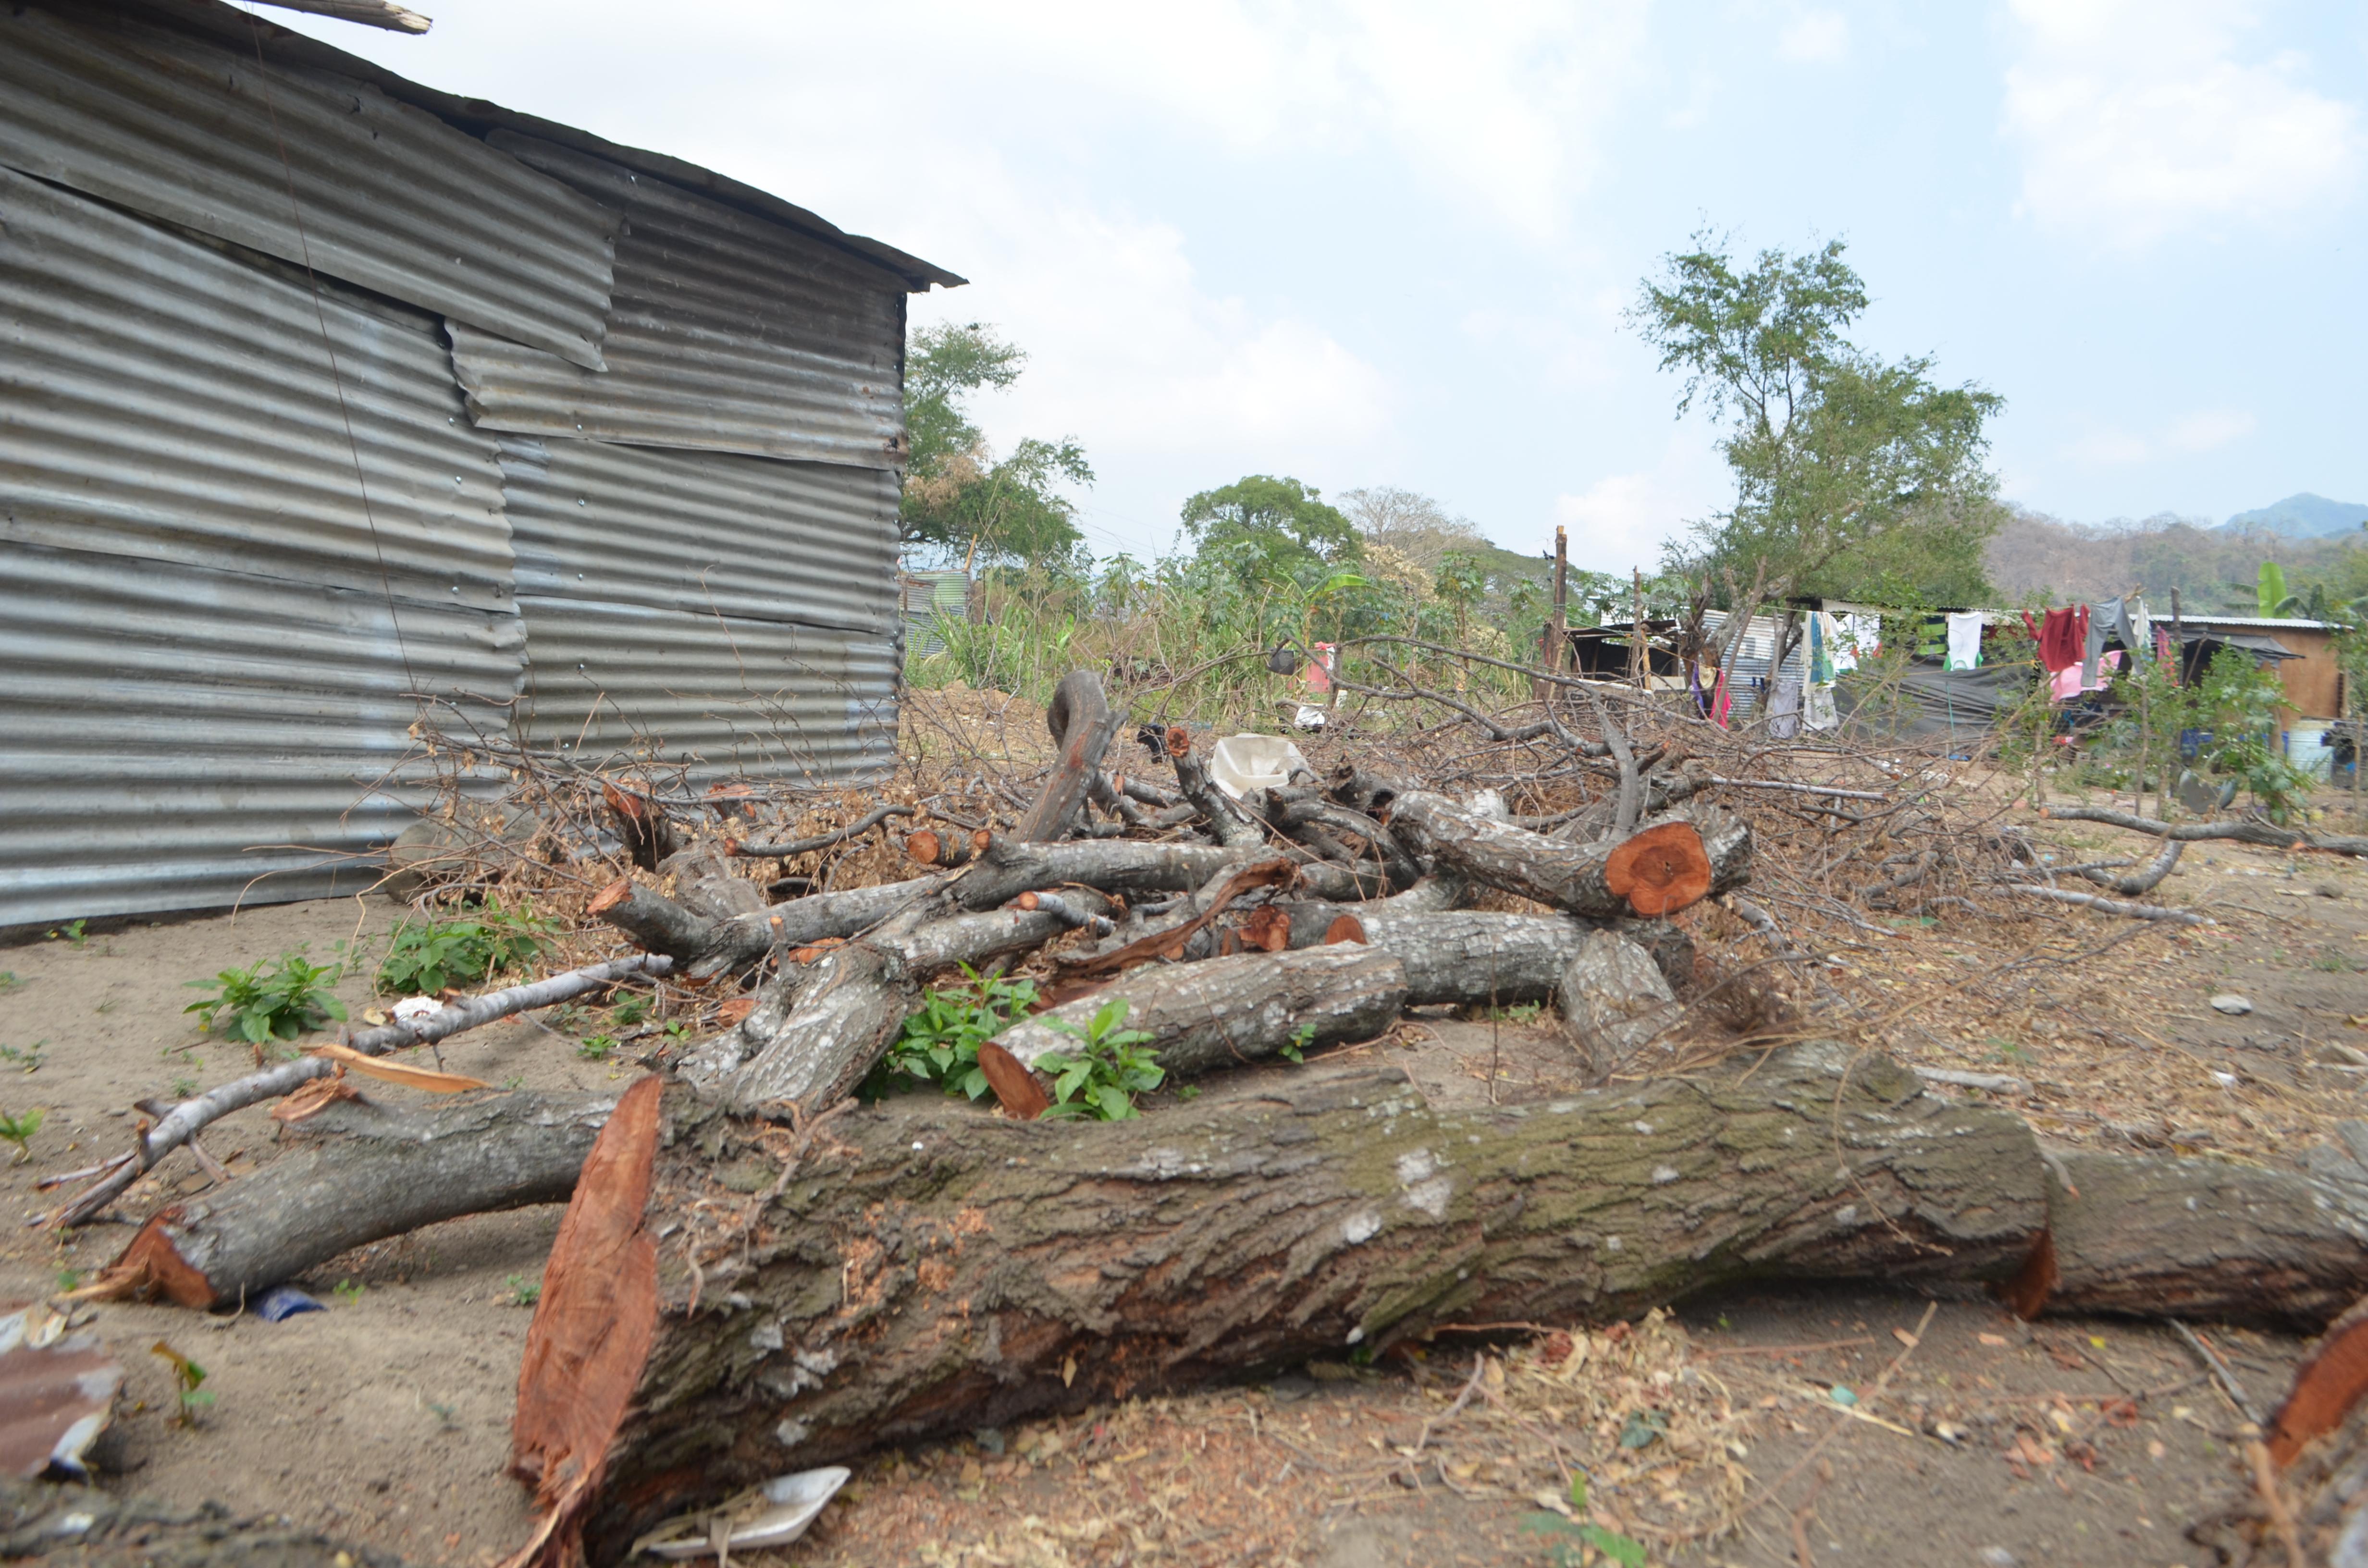 Tala ilegal de árboles de la finca realizada por los usurpadores.